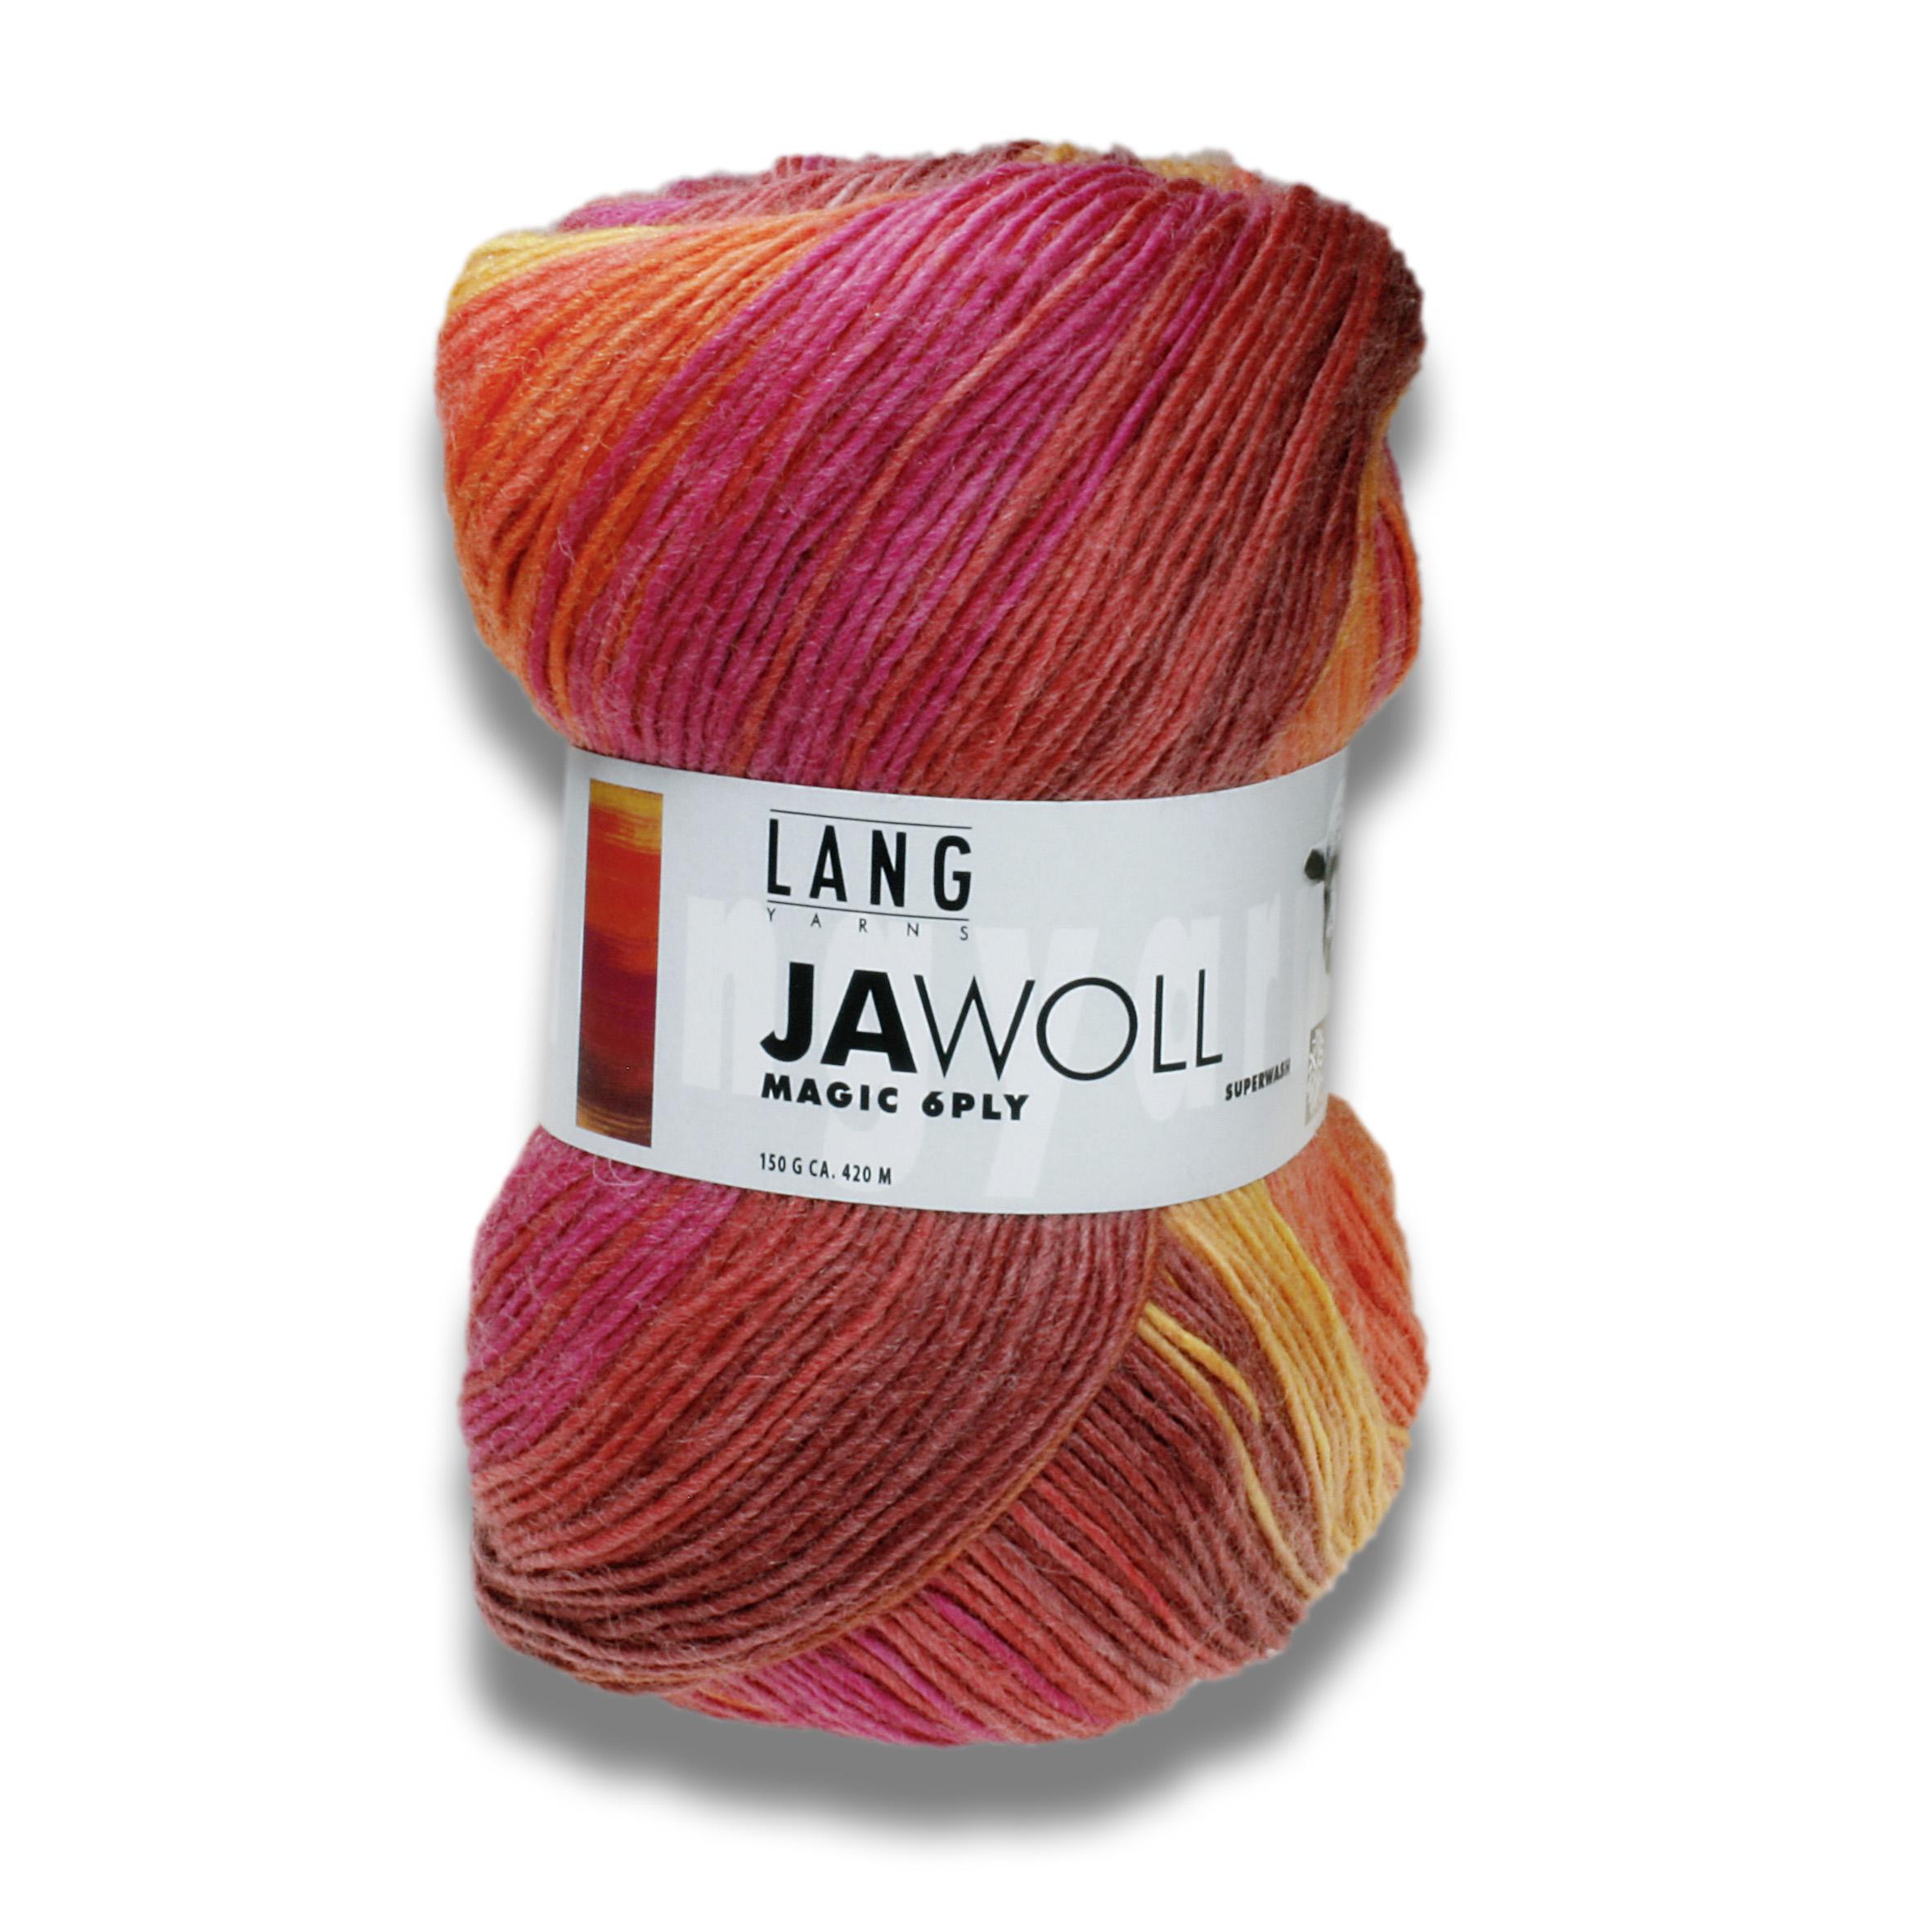 Jawoll Magic 6-Ply